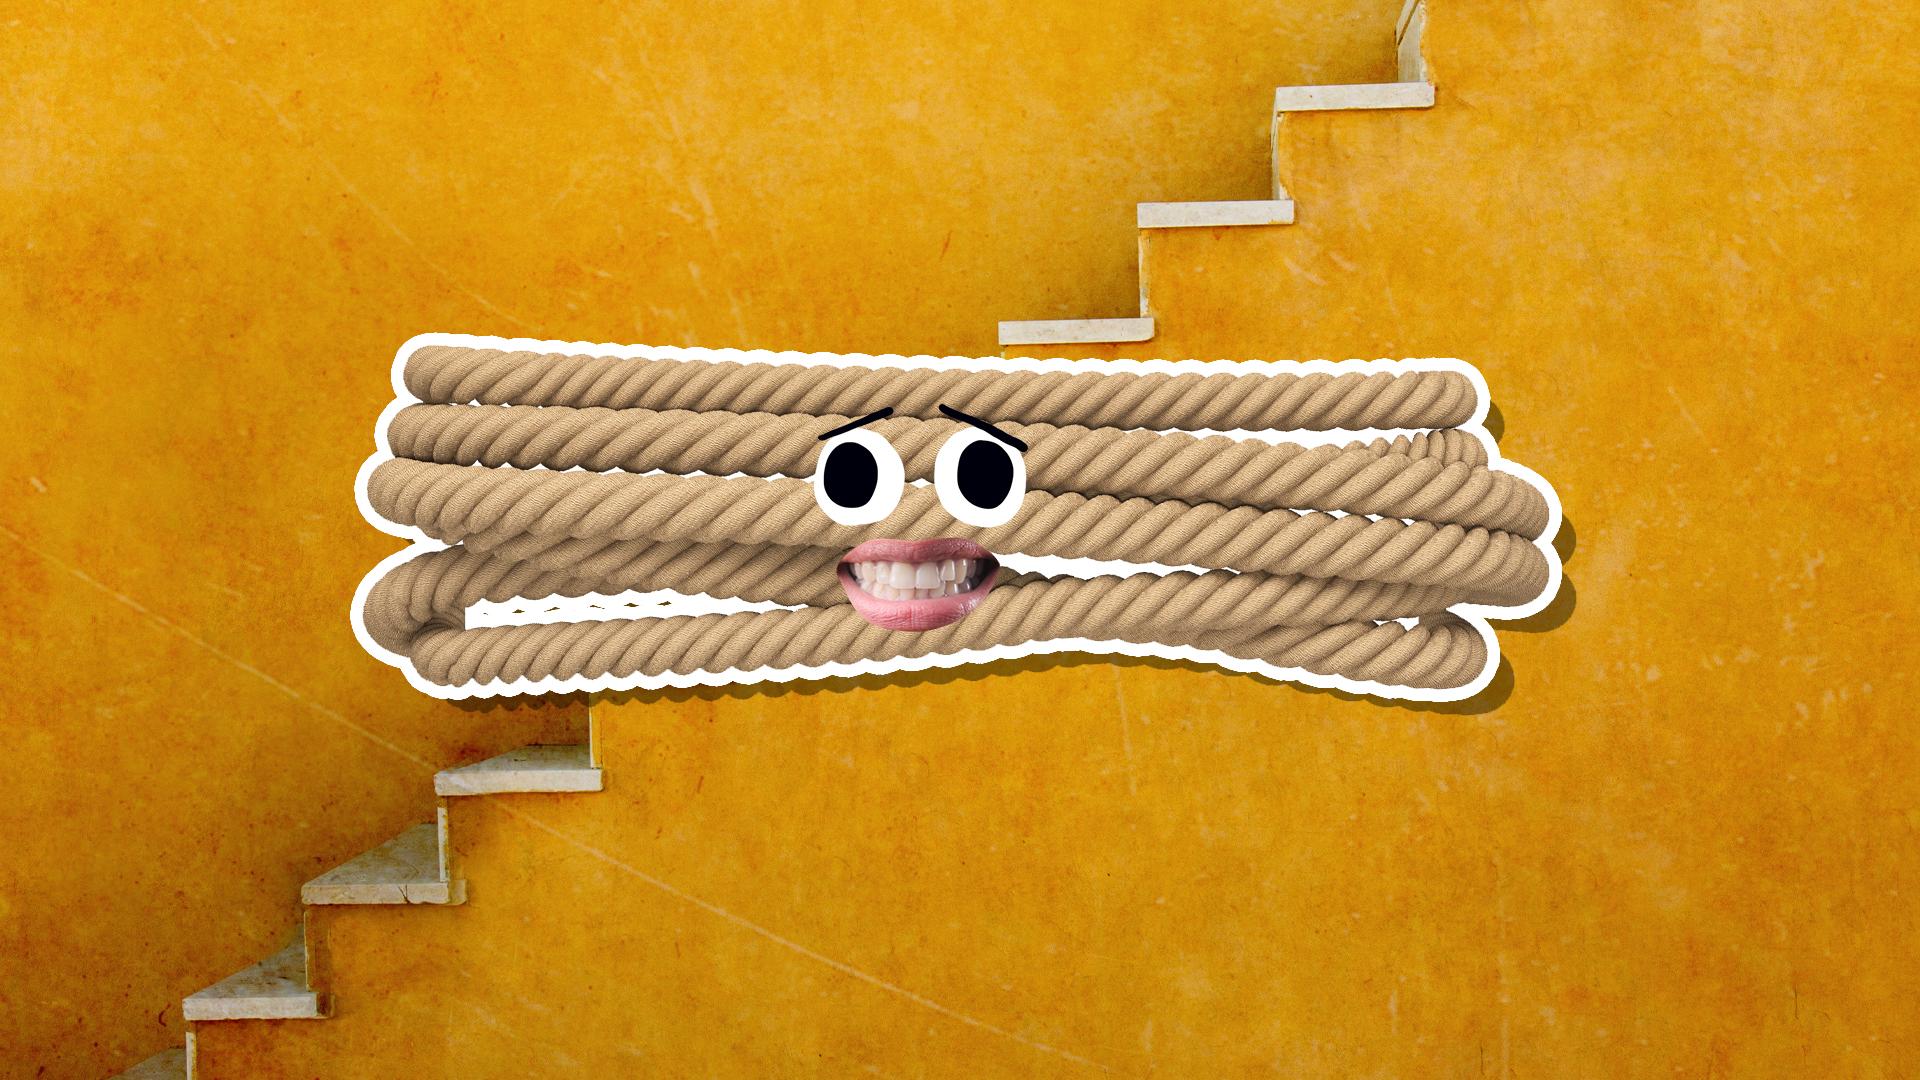 Naughty rope